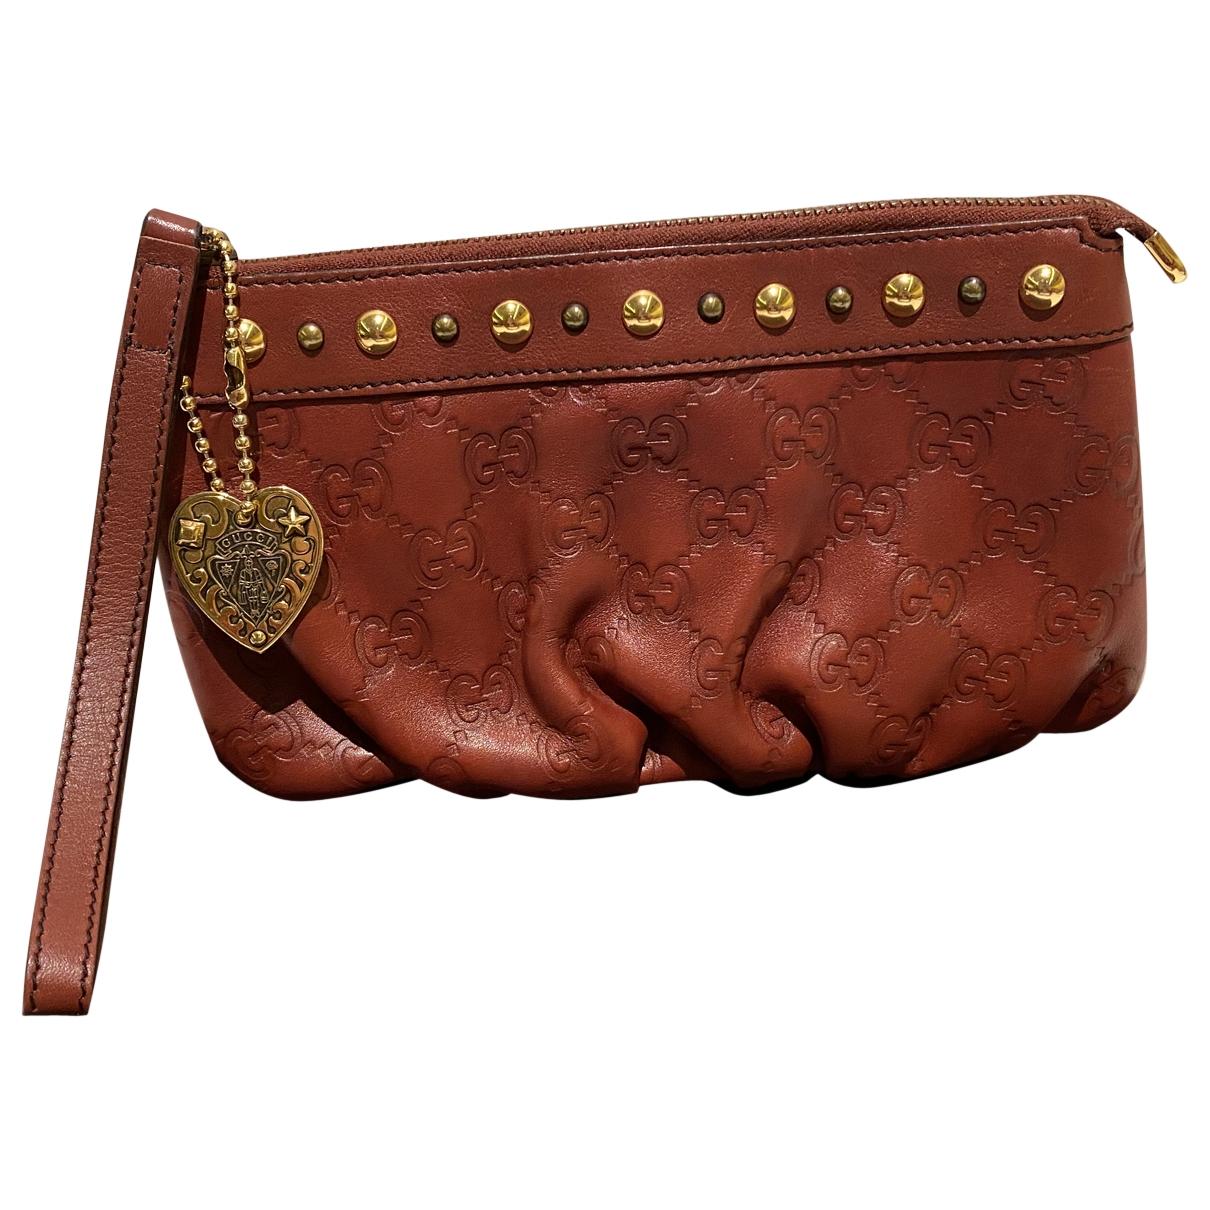 Gucci \N Burgundy Leather Clutch bag for Women \N